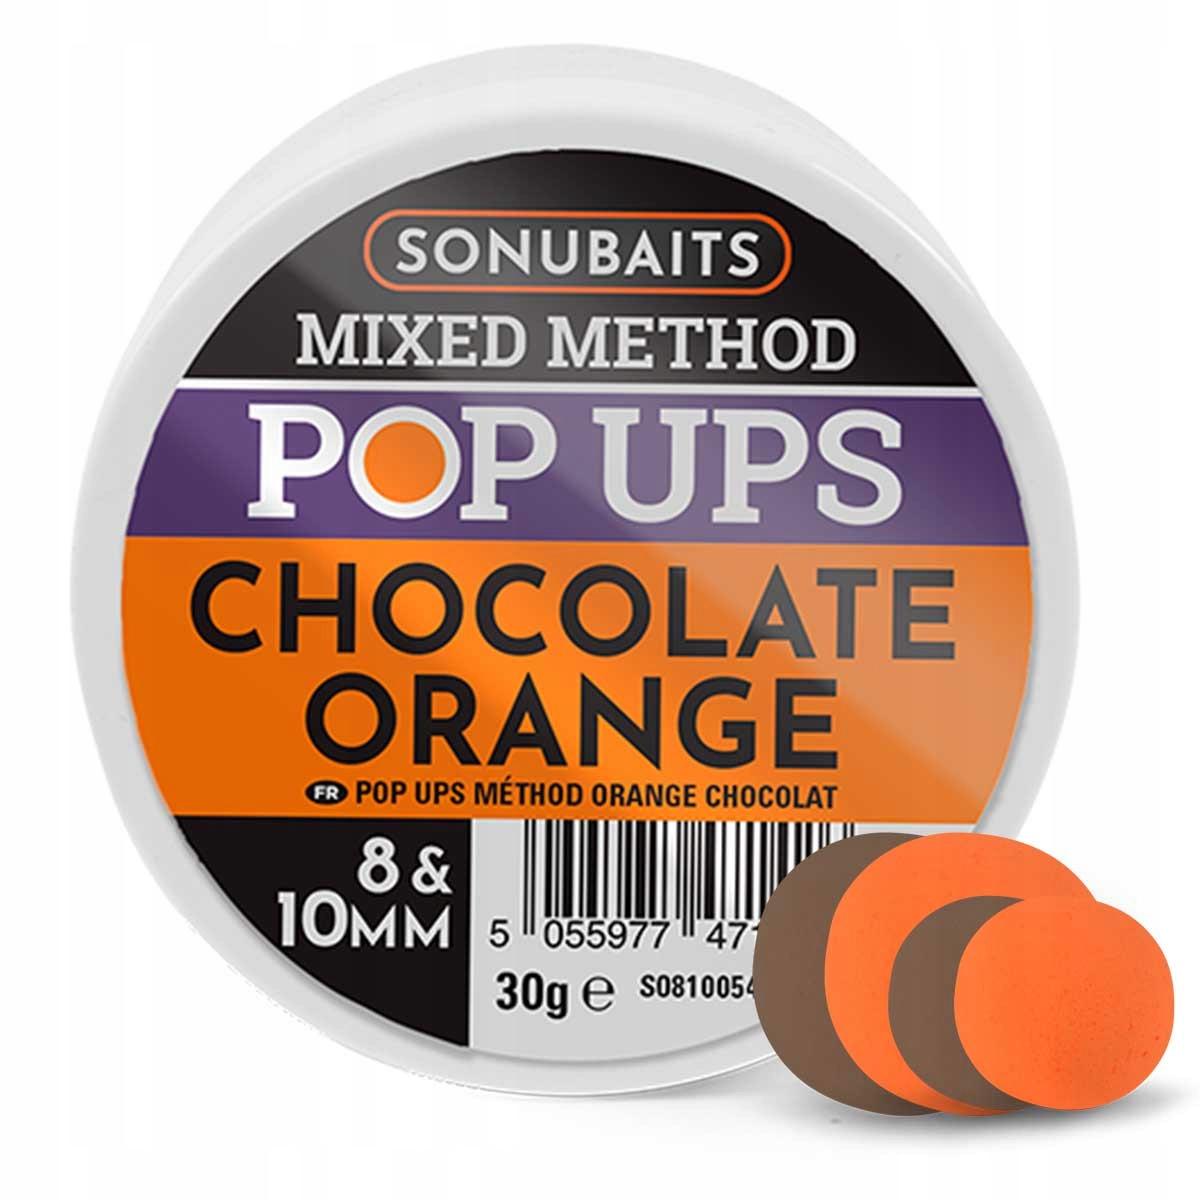 Sonubaits Mixed Method Pop Ups Chocolate Orange